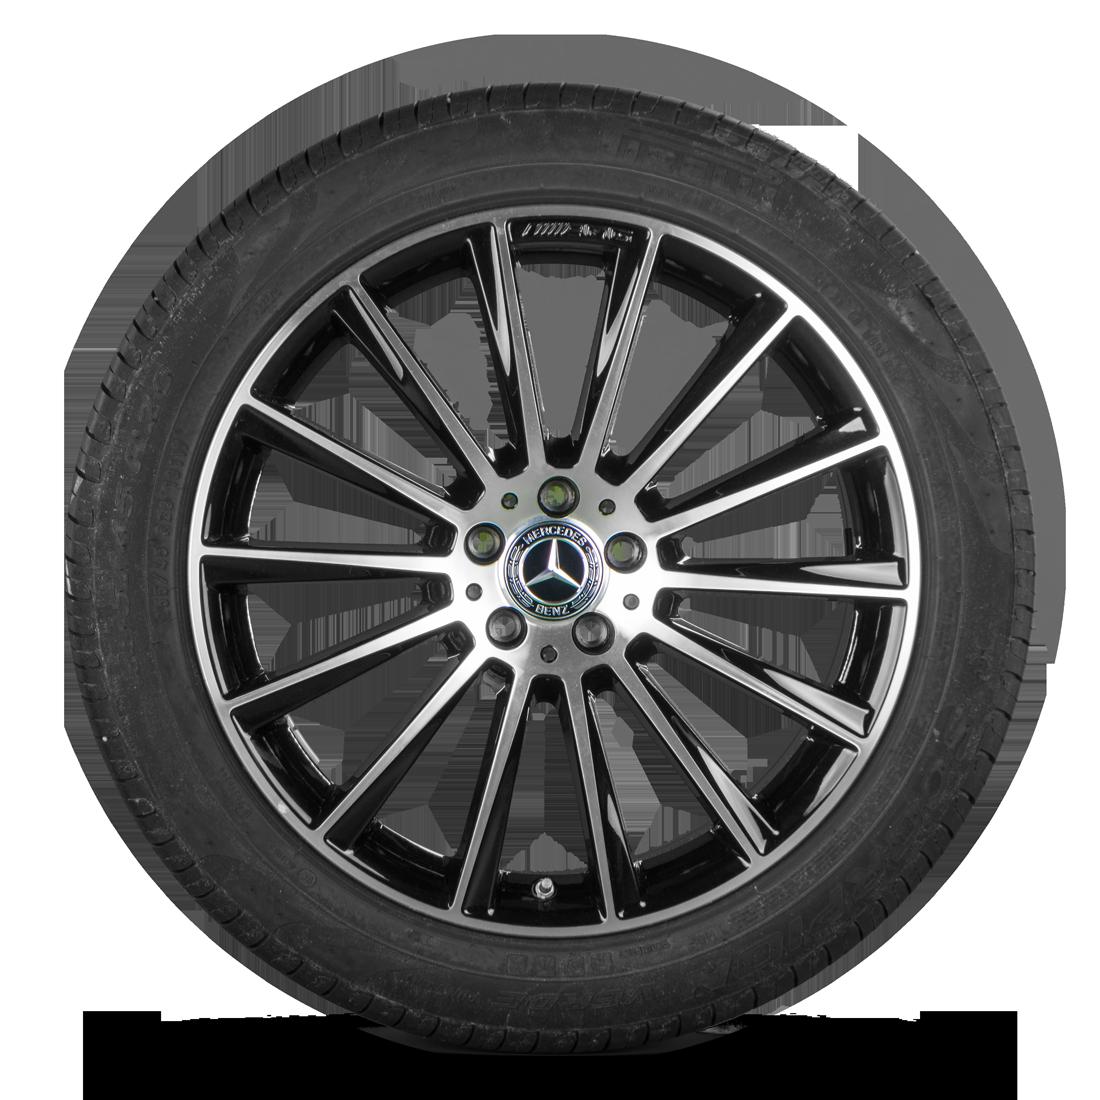 20 Zoll Felgen Mercedes Benz GLC 43 AMG X253 Alufelgen Sommerreifen Sommerräder